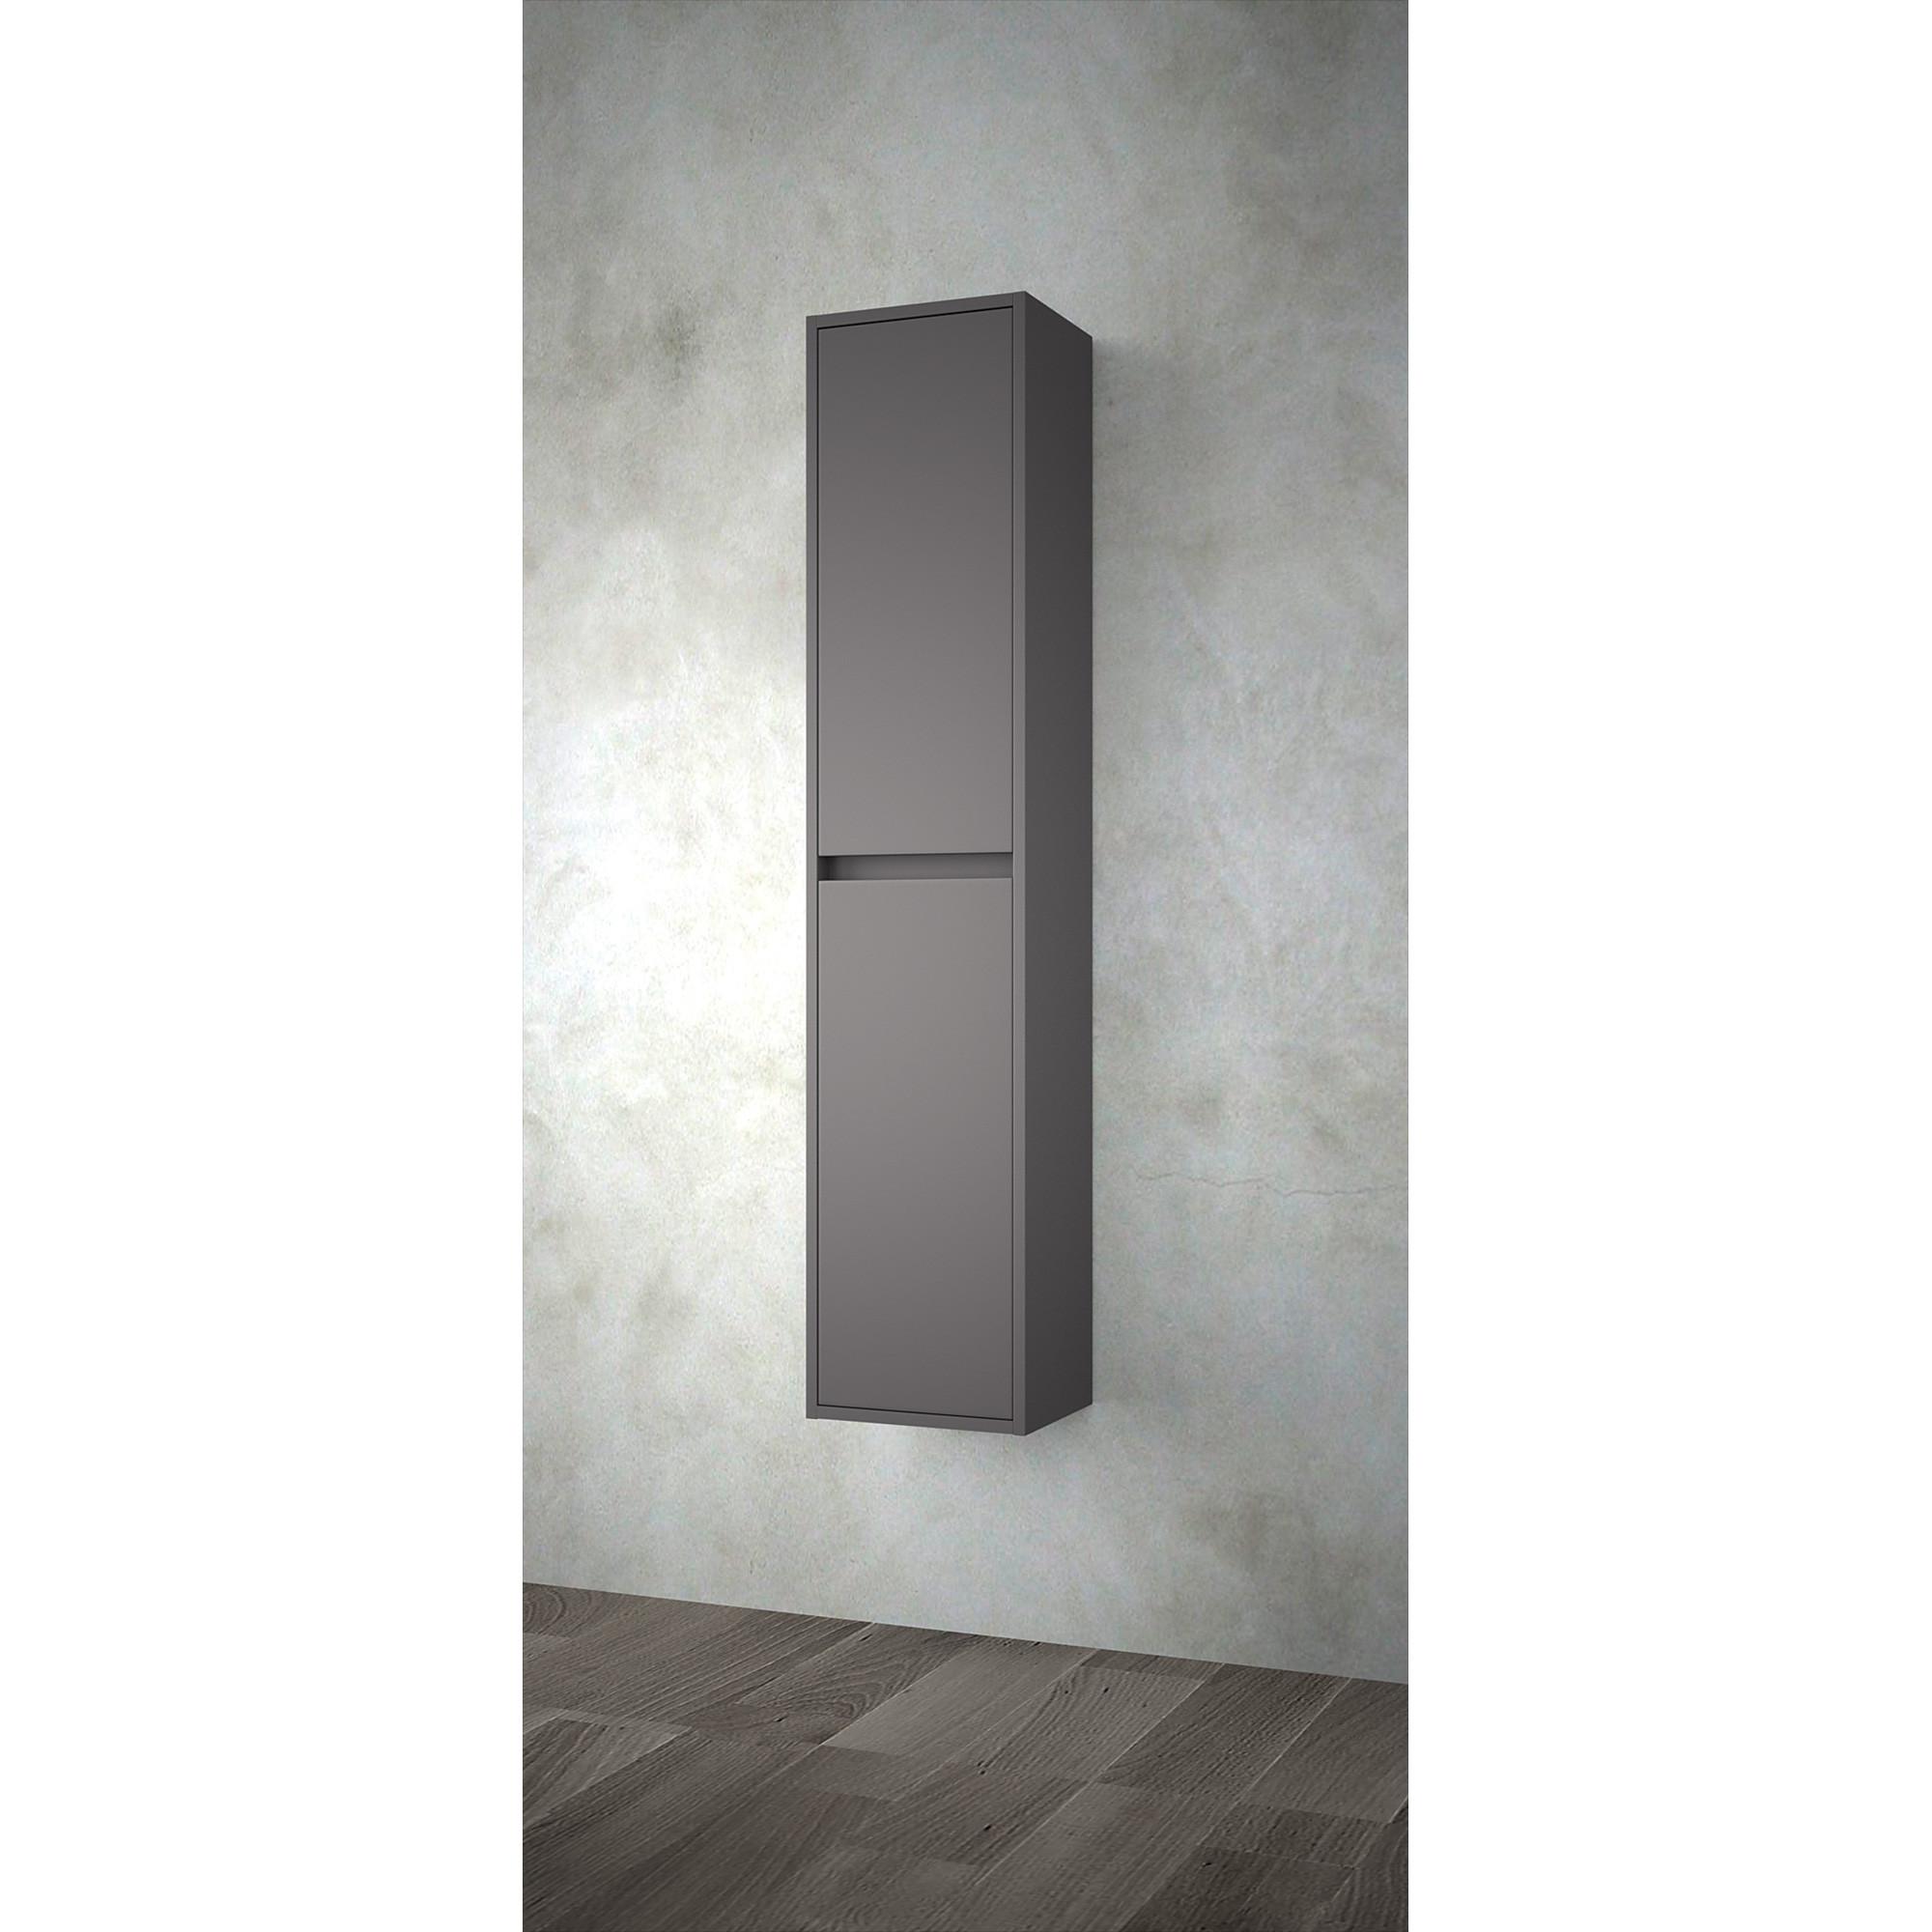 colonne salle de bain unit 300 gris mat anjou connectique. Black Bedroom Furniture Sets. Home Design Ideas